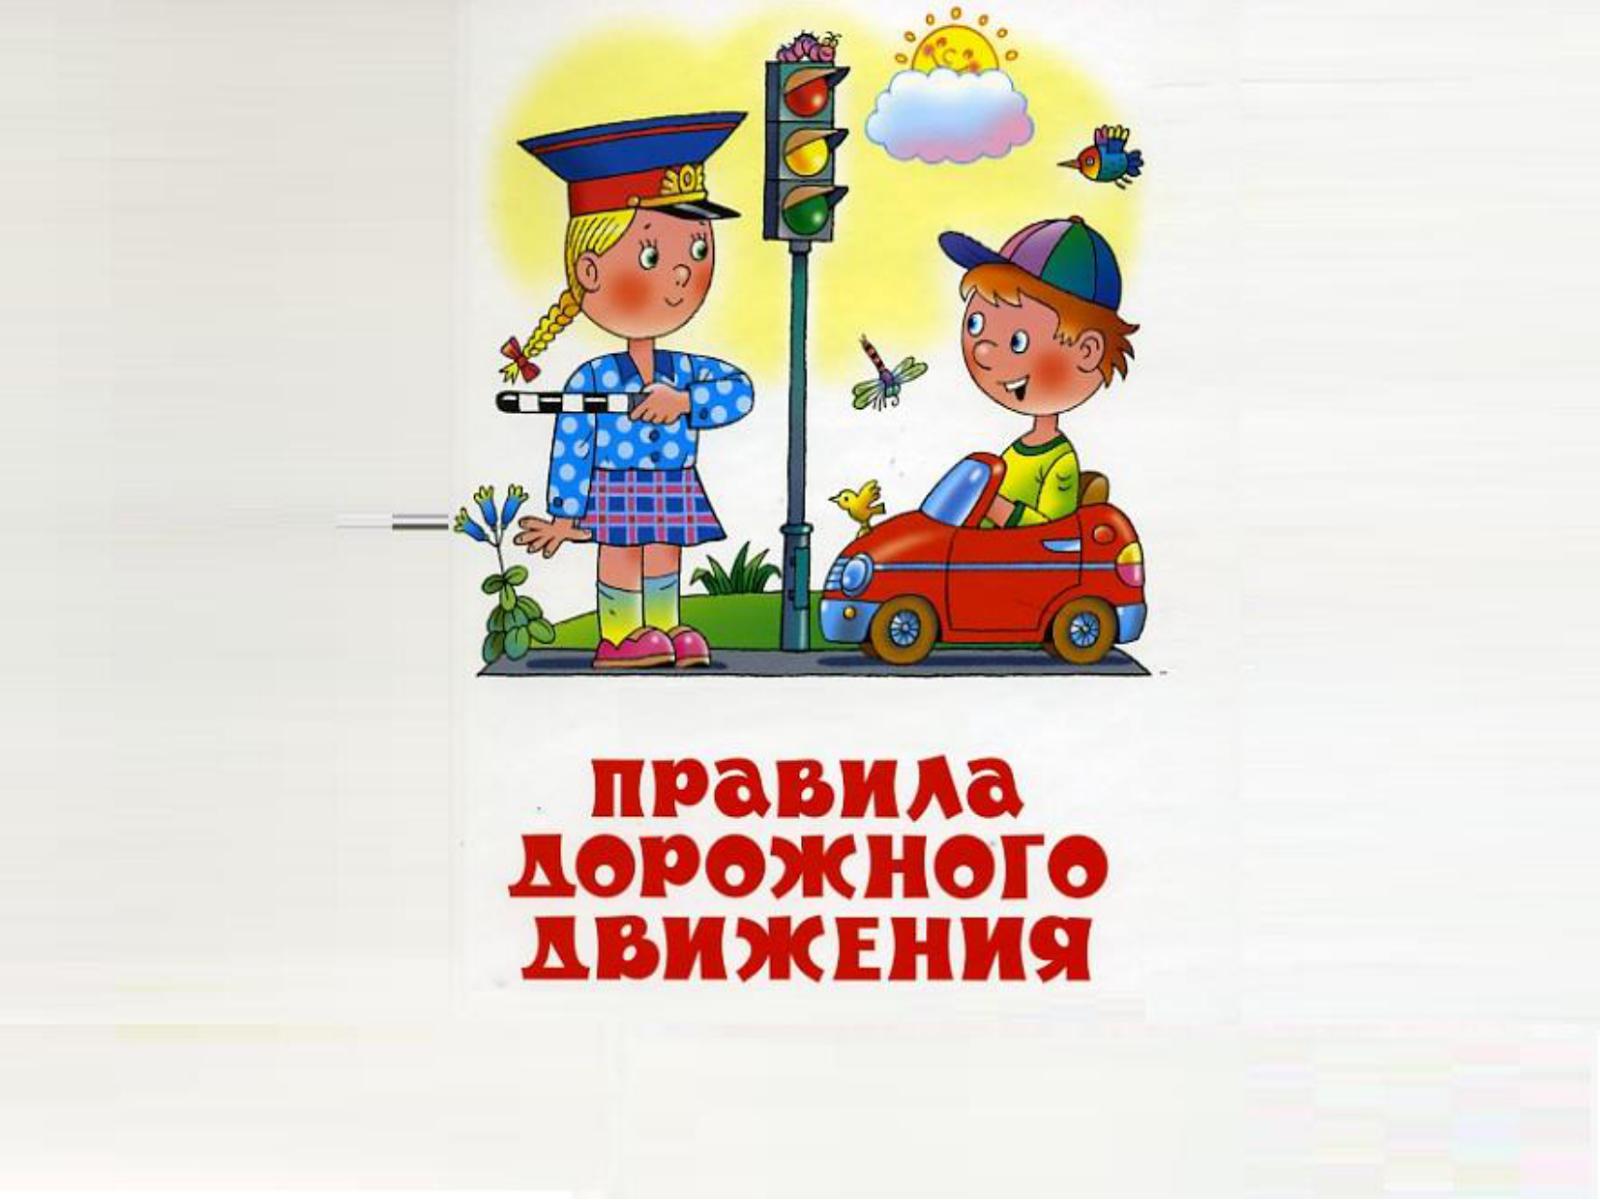 Картинки правила дорожного движения с надписями, красивые открытки